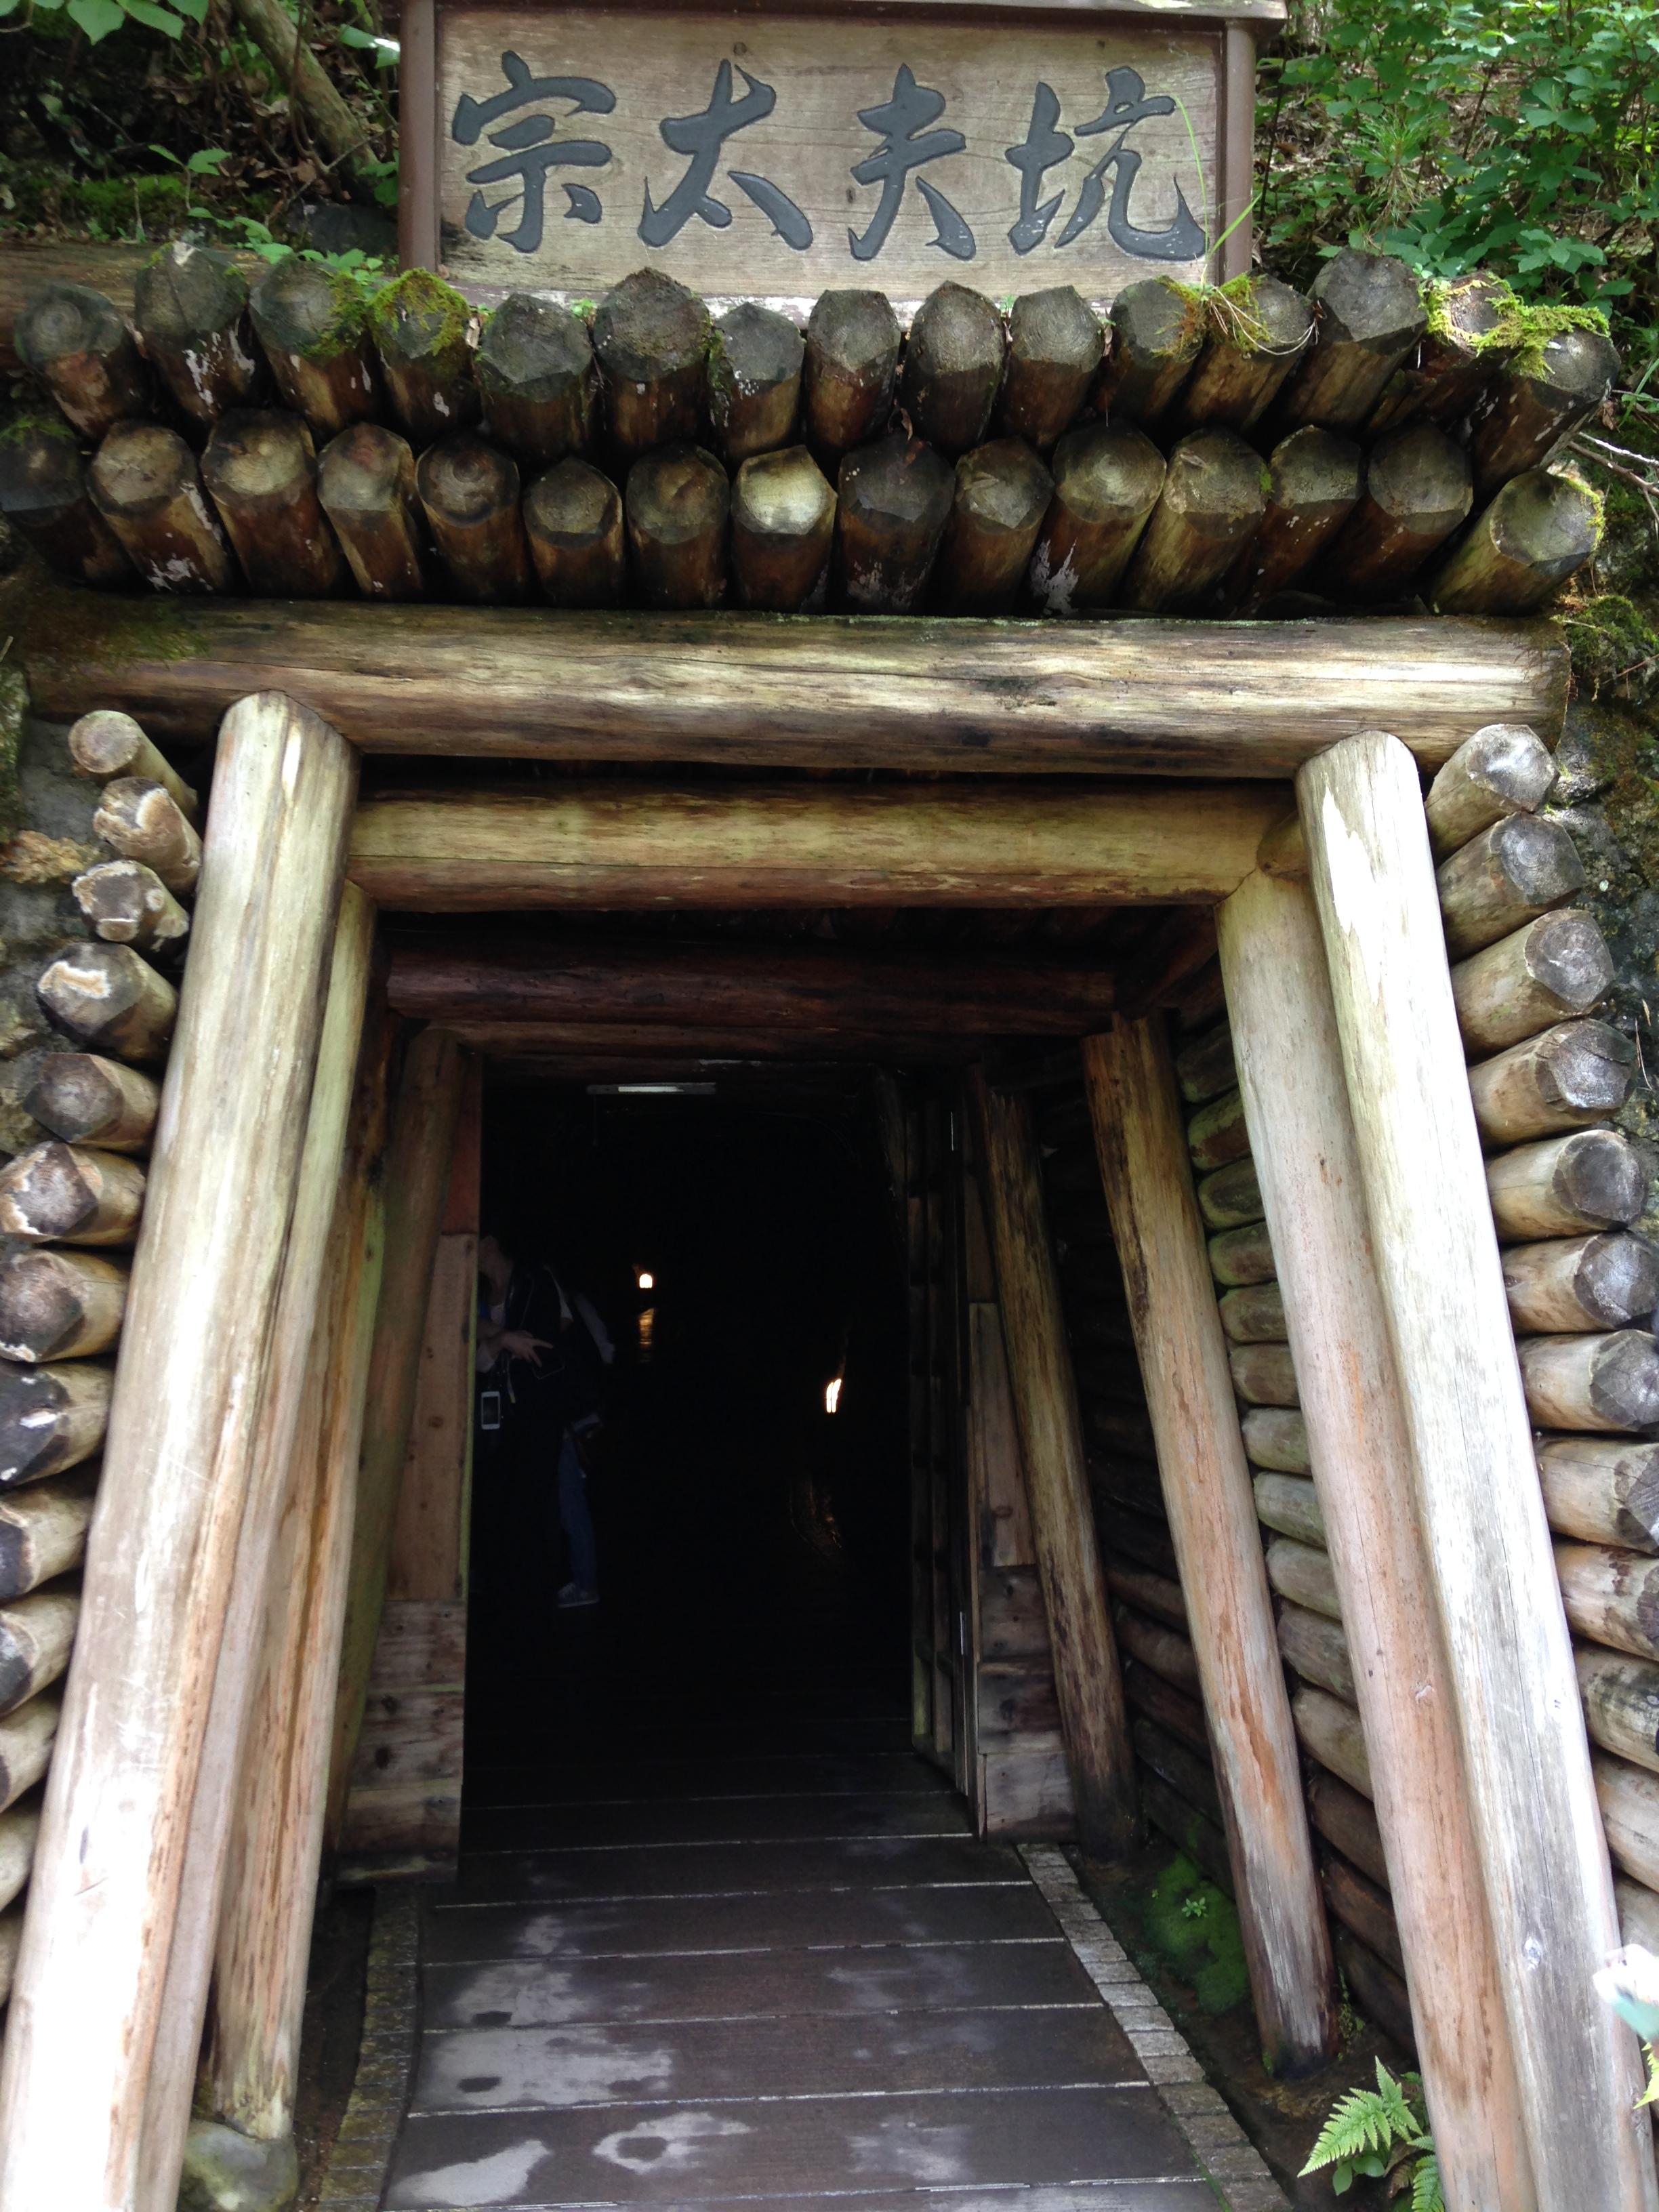 参观宗太夫坑道(Sohdayu-Koh)、道游坑道(Dohyu-Koh)及金山展示资料馆套票为1400日圆(成人)及700日圆(中小学生)。